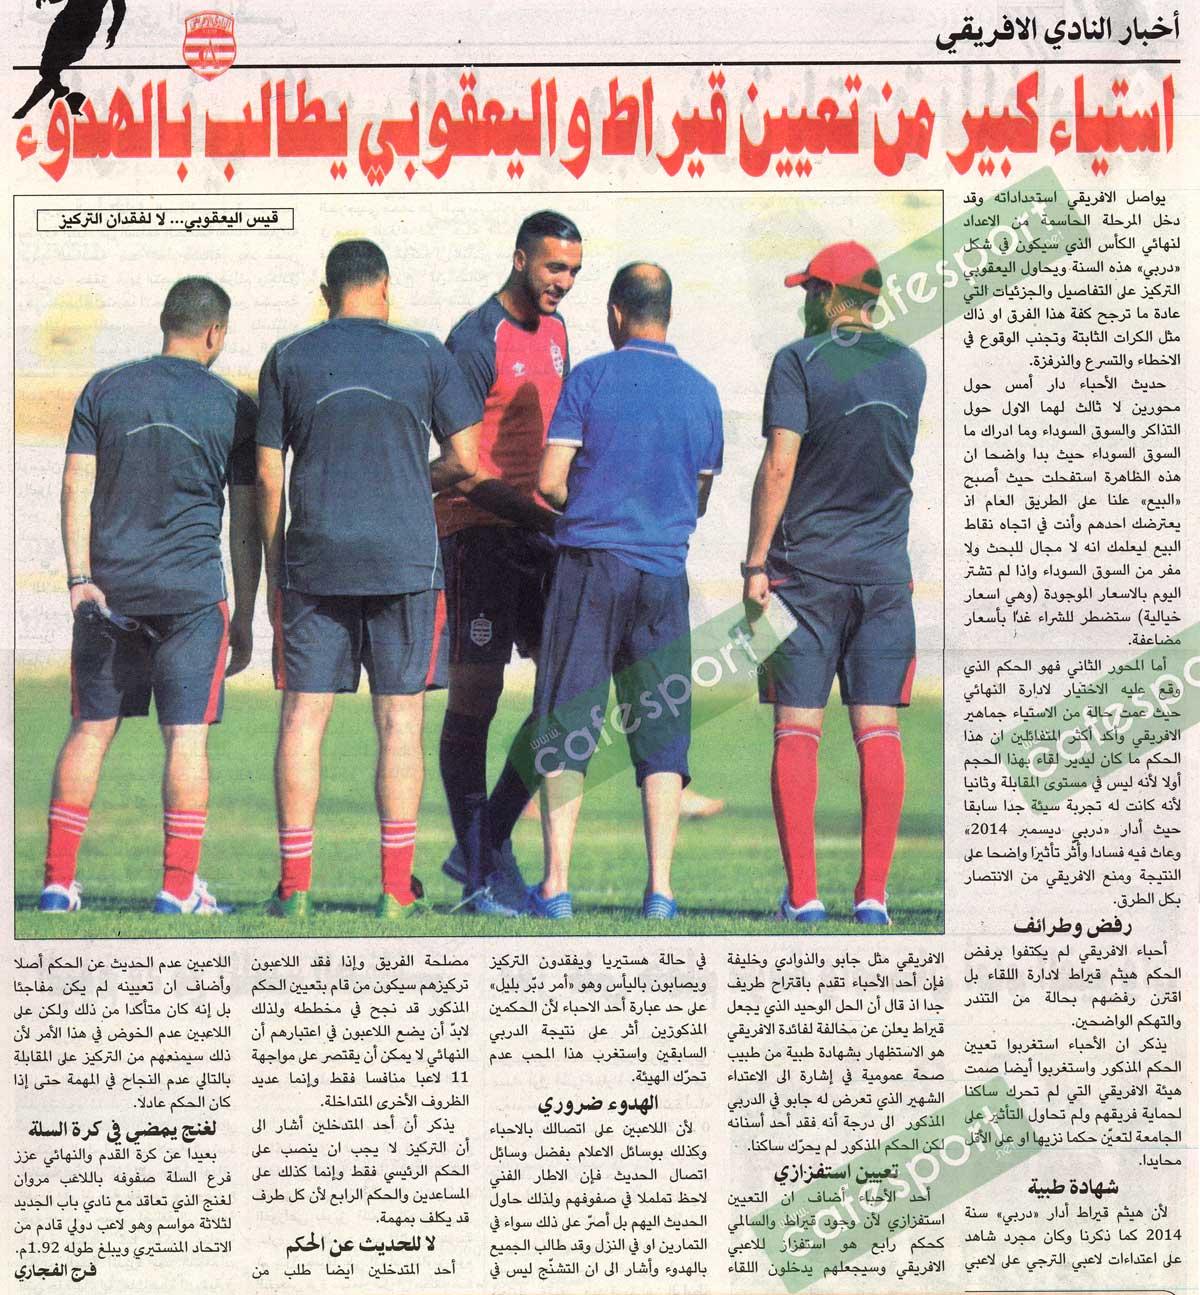 e5840b660 ღ♥ღ صحيفة النادي الافريقيღ♥ღ أوت 2016 ღ♥ღ [الأرشيف] - الصفحة 3 - الرياضي  التونسي